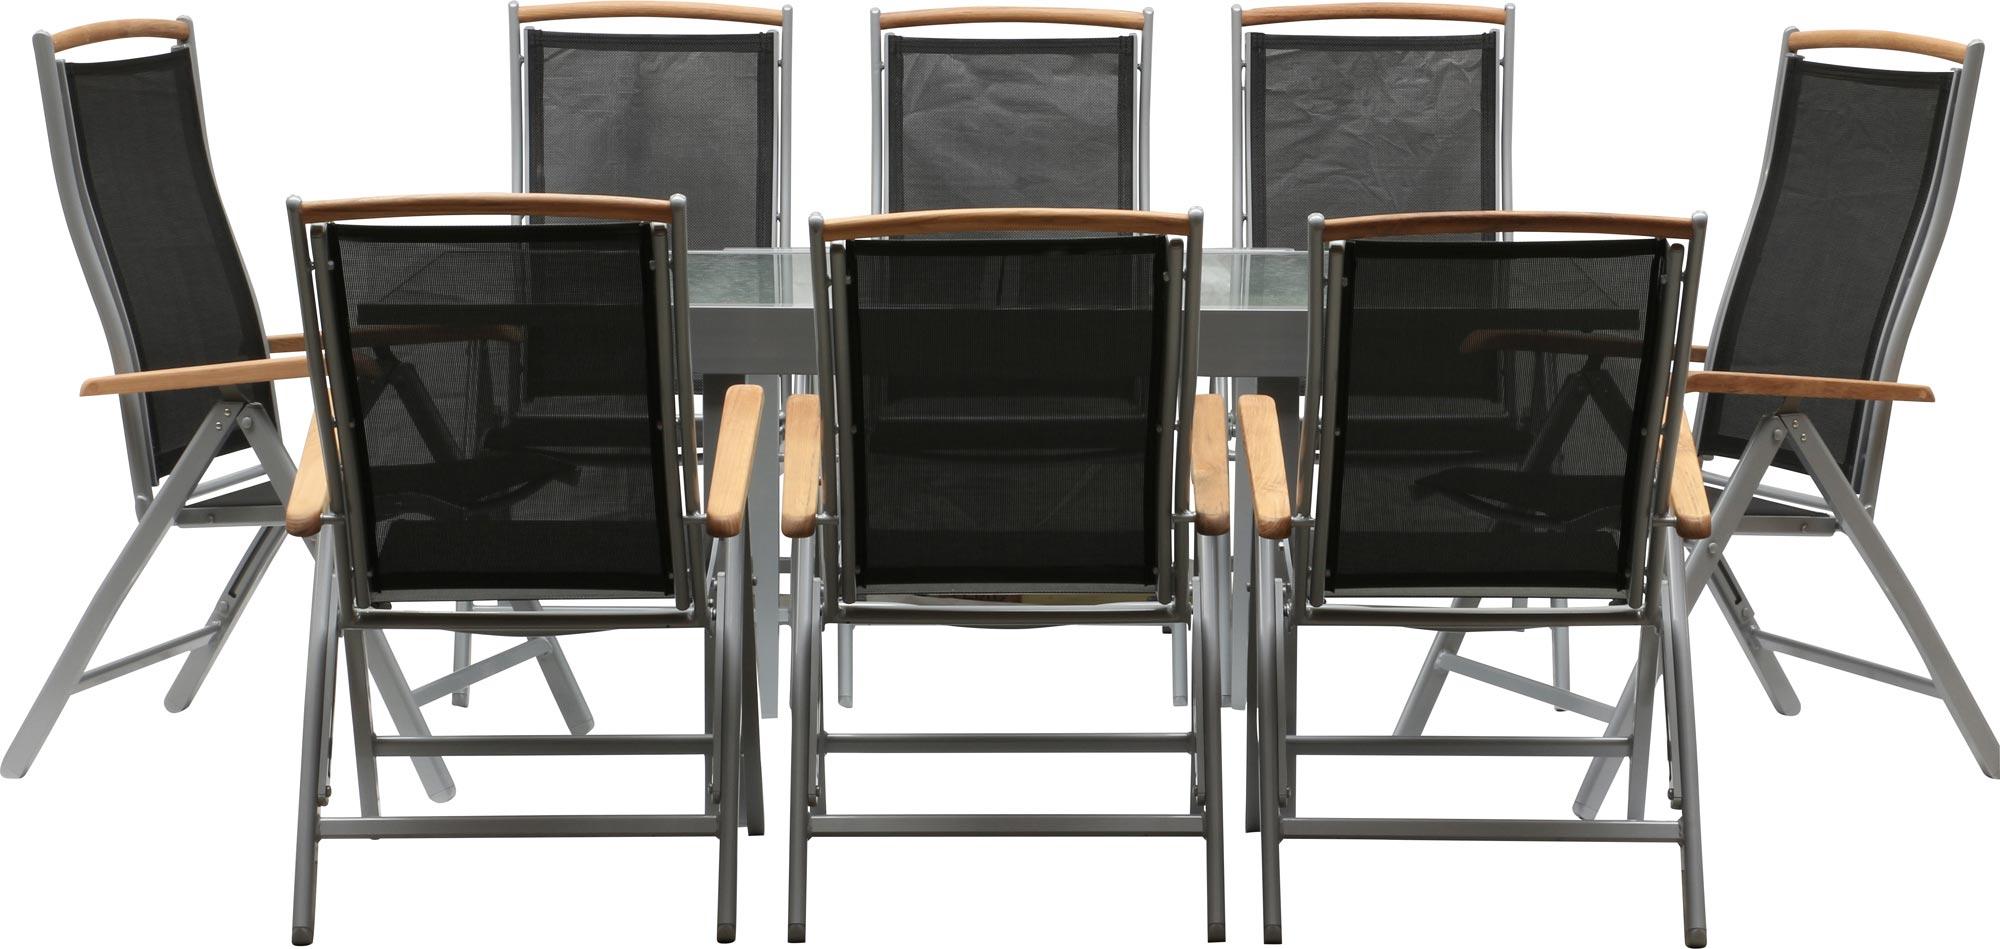 premium gartentisch ausziehtisch 90 180 cm tisch. Black Bedroom Furniture Sets. Home Design Ideas